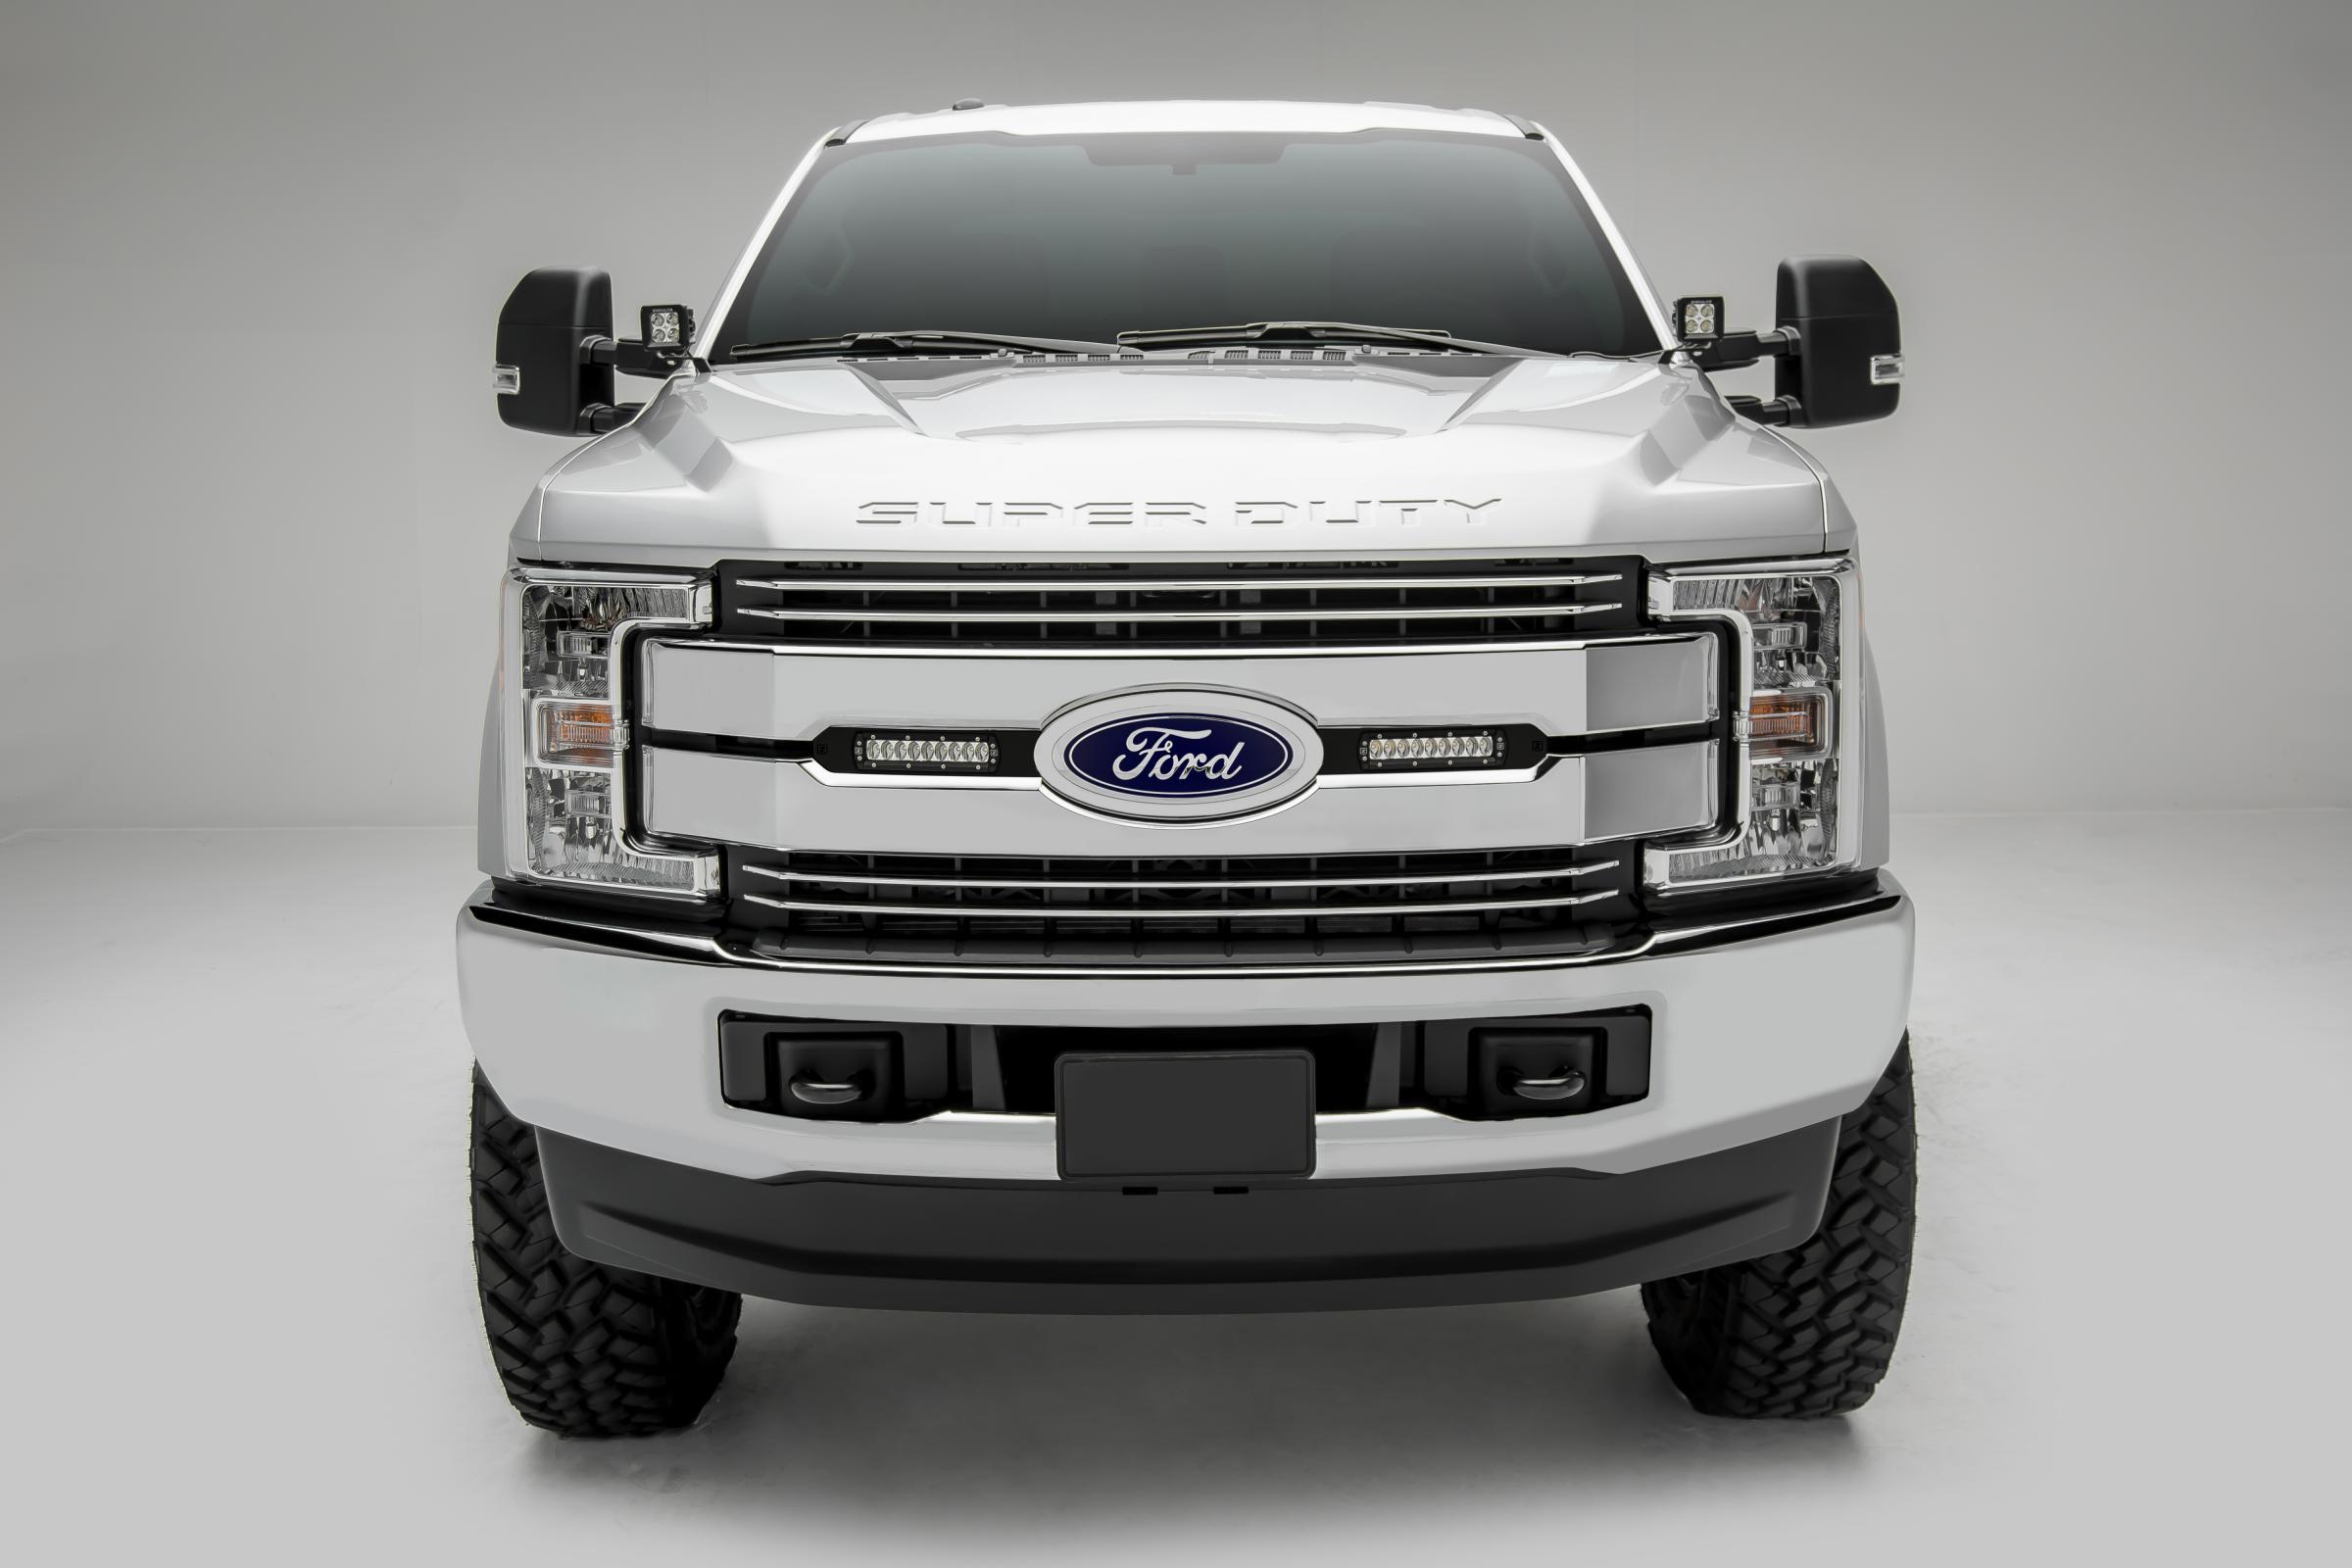 oem grille led light bar mounts black 2017 ford f 350